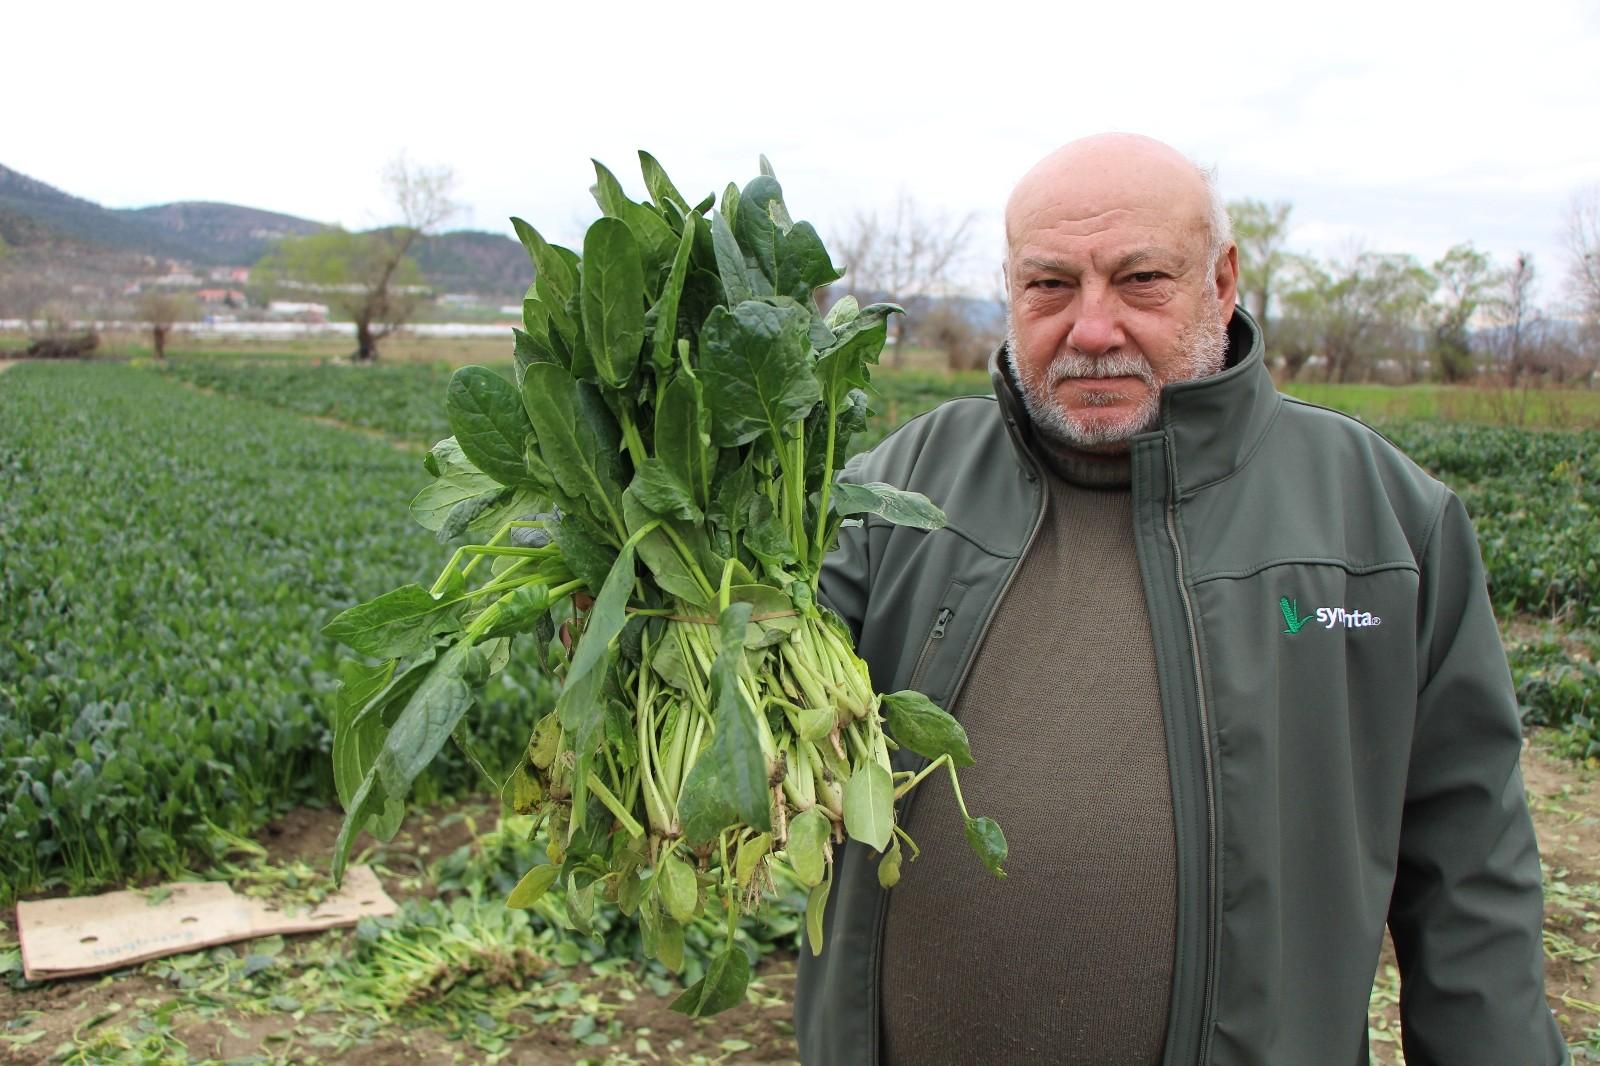 Ispanaklarını satamayan çiftçi ıspanakların TMO tarafından alınarak halka dağıtılmasını istiyor